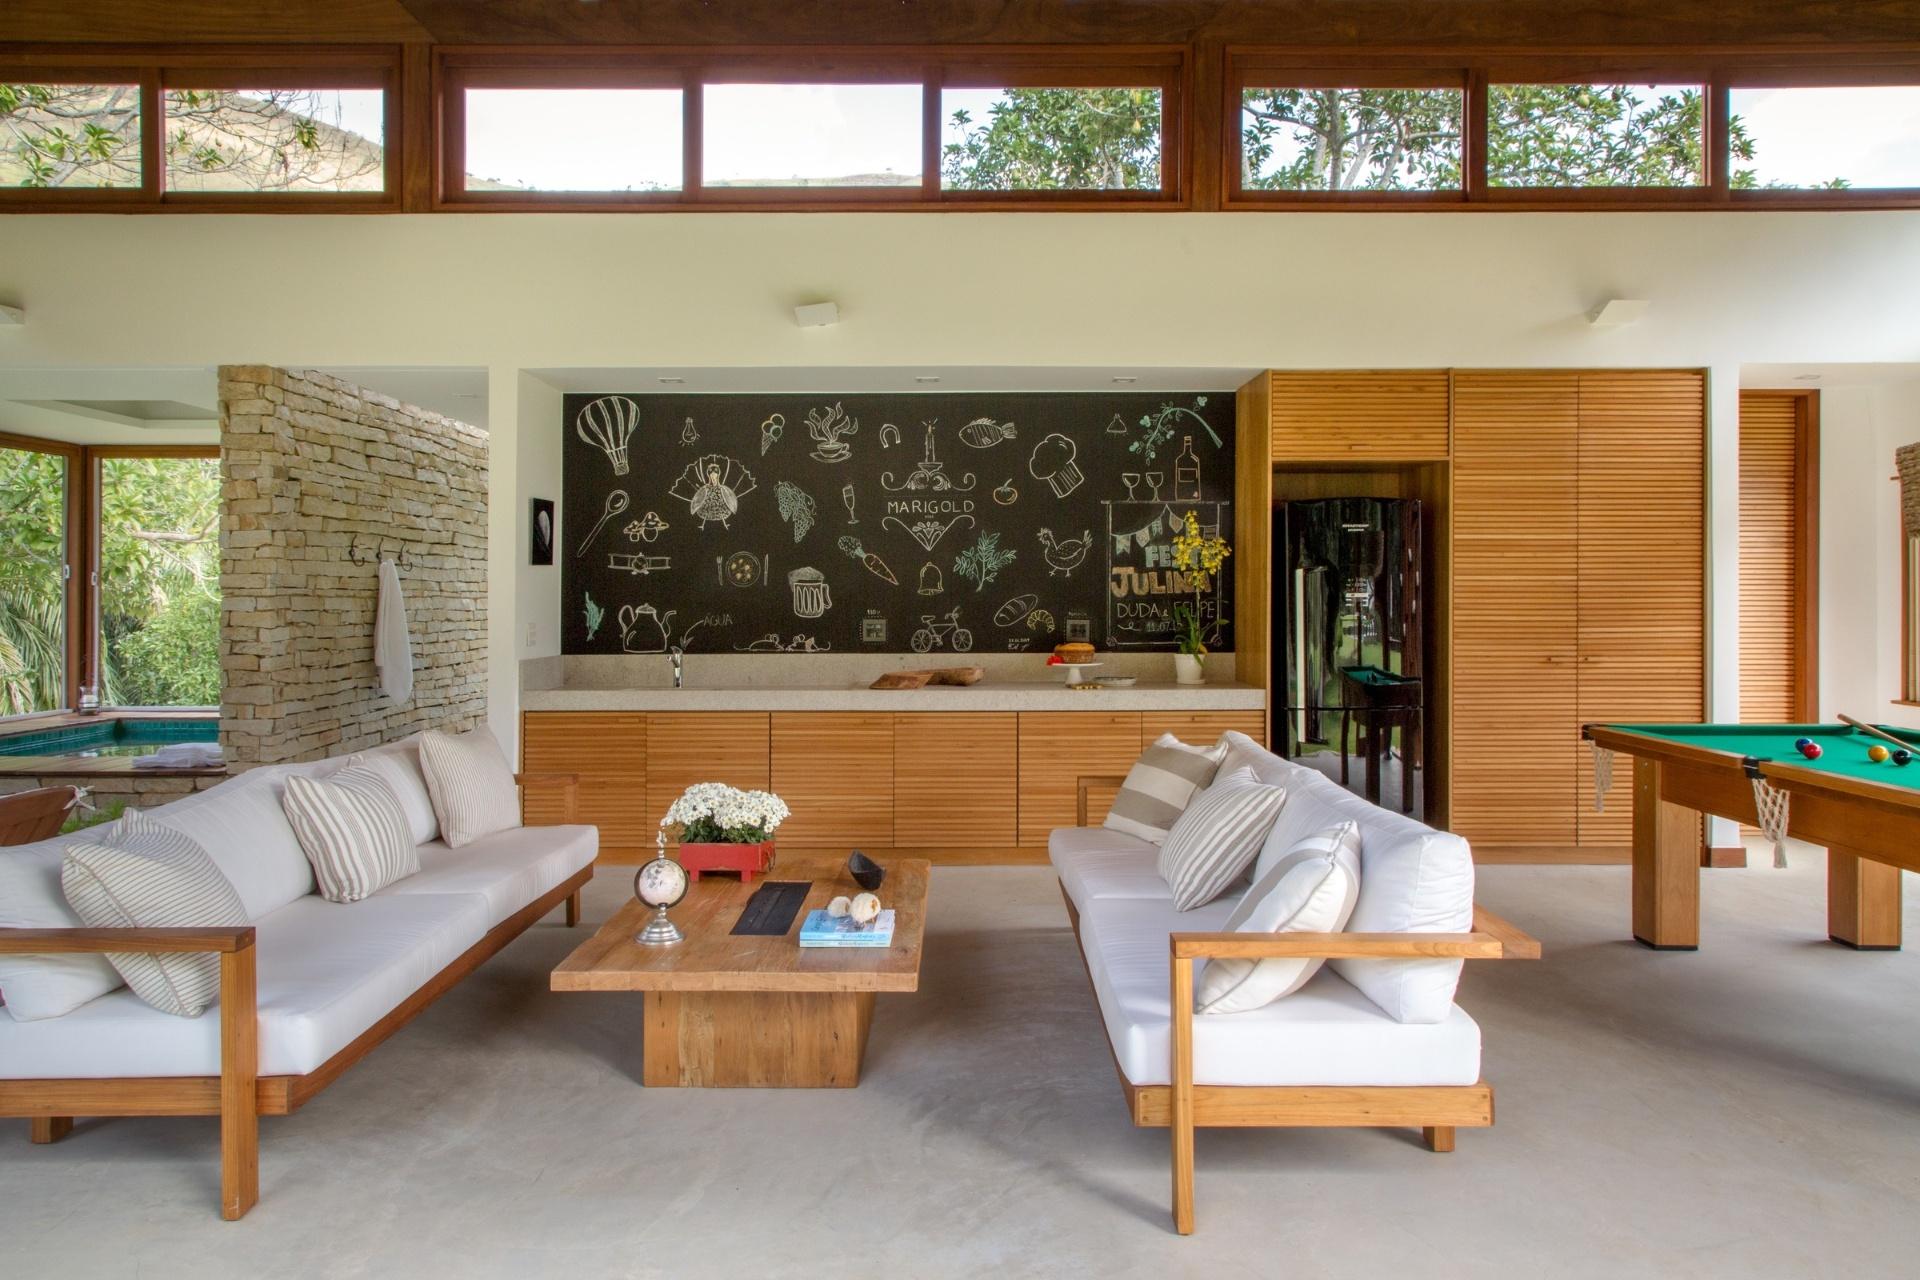 Veja ideias bacanas para construir ou reformar a cozinha de casa BOL  #996532 1920x1280